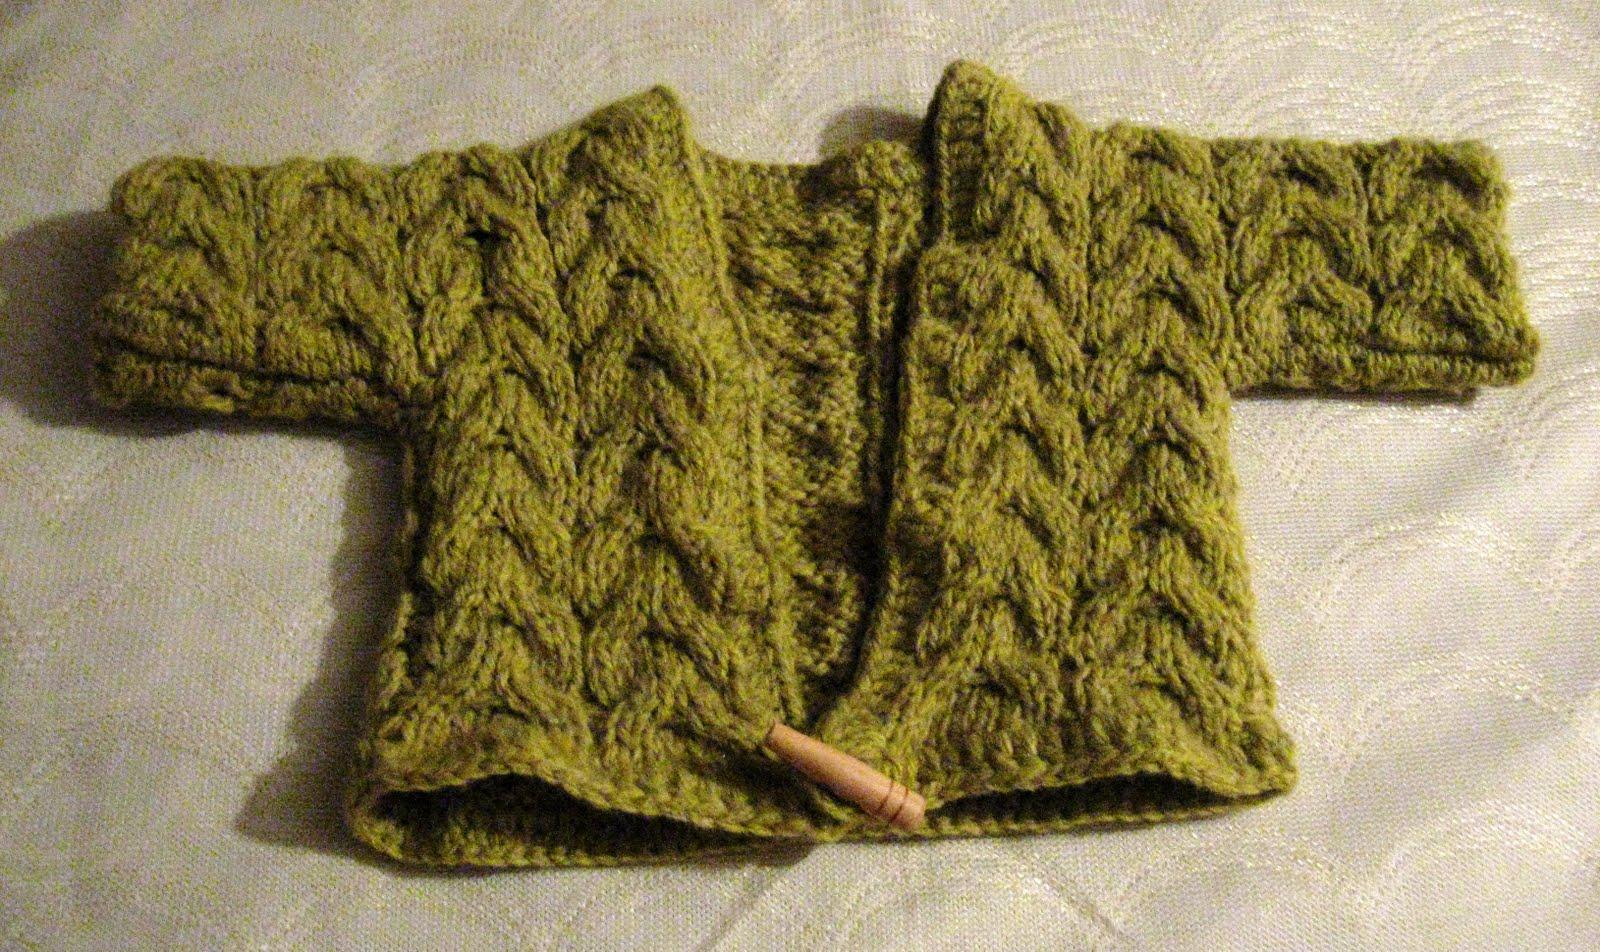 Chaleco verde agua tejido a palitos para niños (CHAVde) Bolero verde